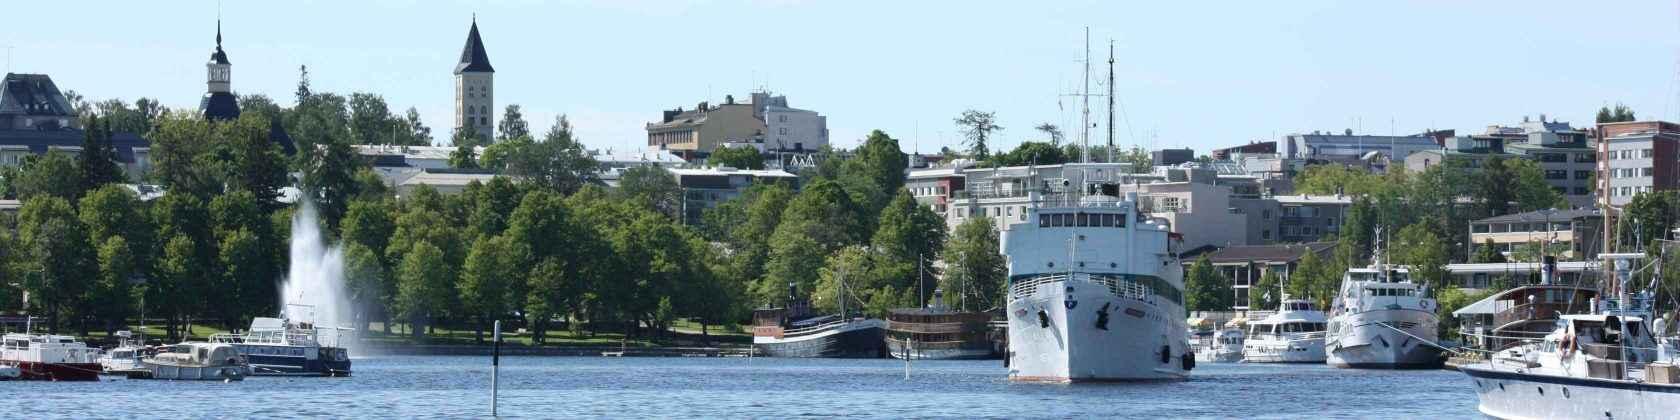 Laiva lähdössä Lappeenrannan satamasta